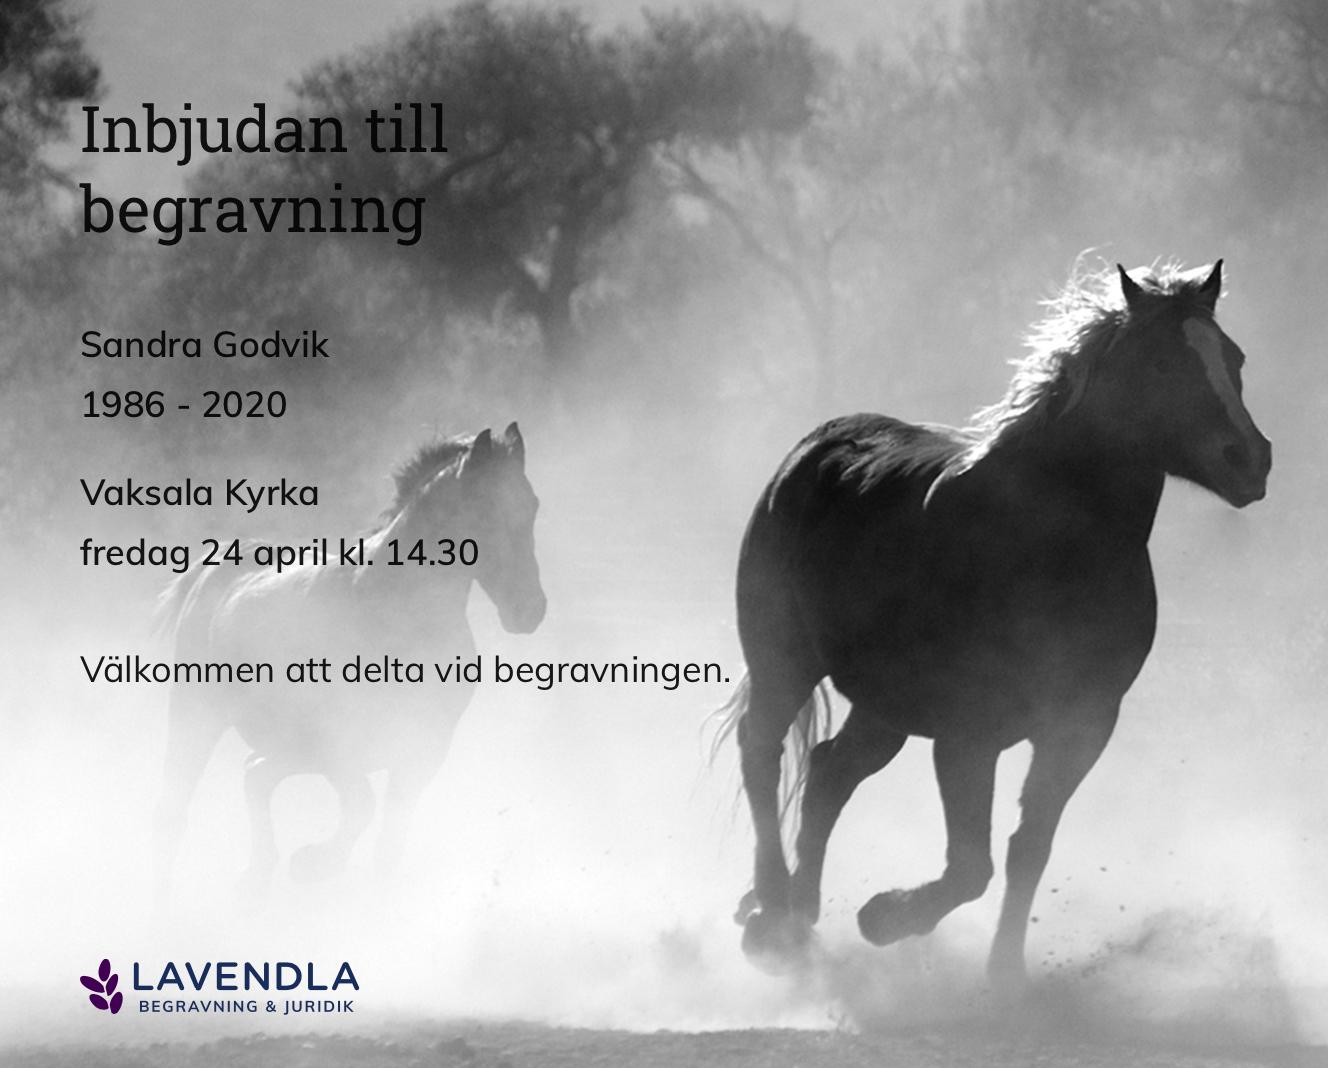 Inbjudningskort till ceremonin för Sandra Godvik